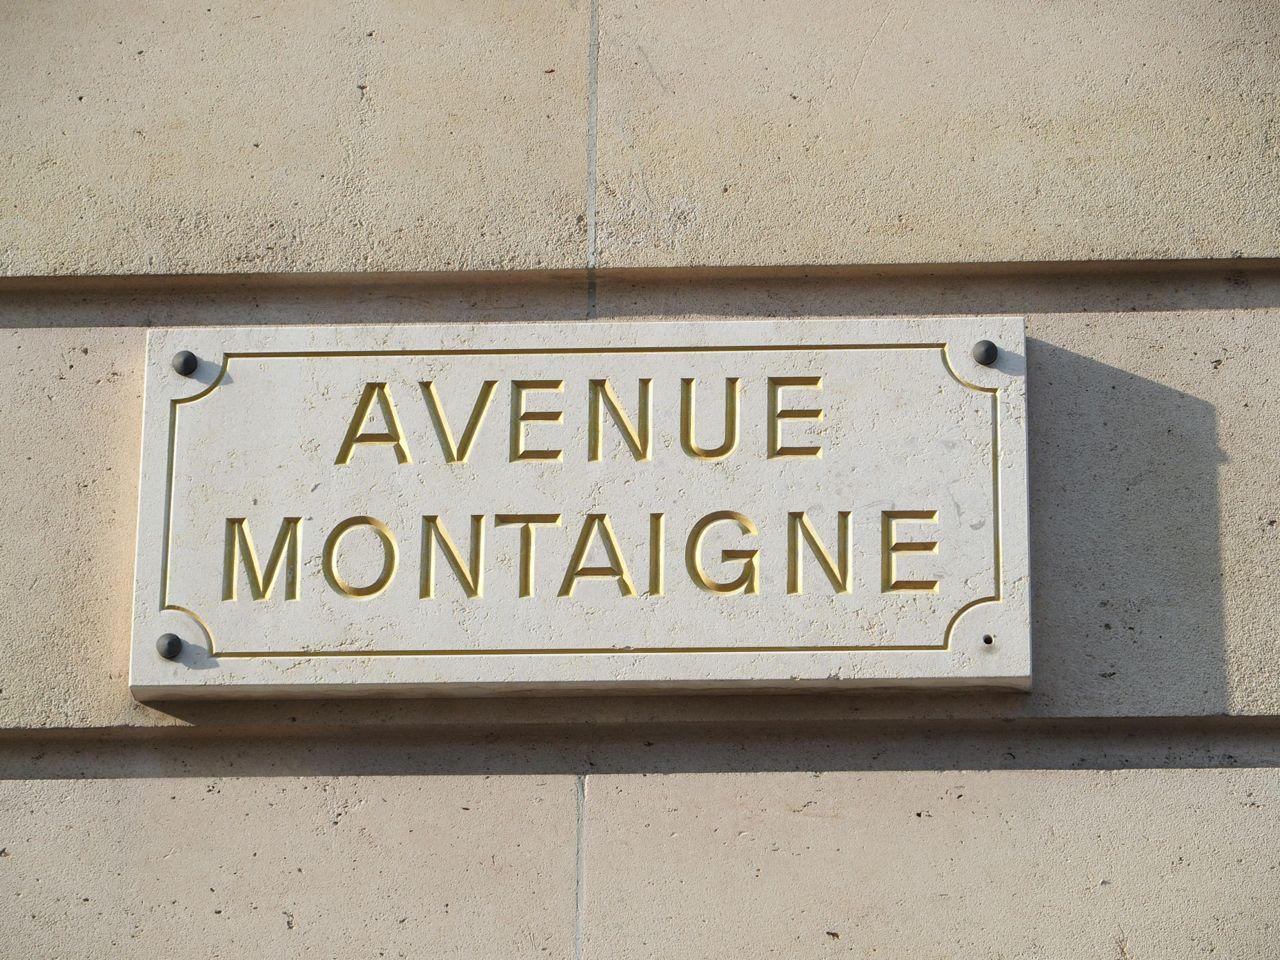 Promenade Avenue Montaigne